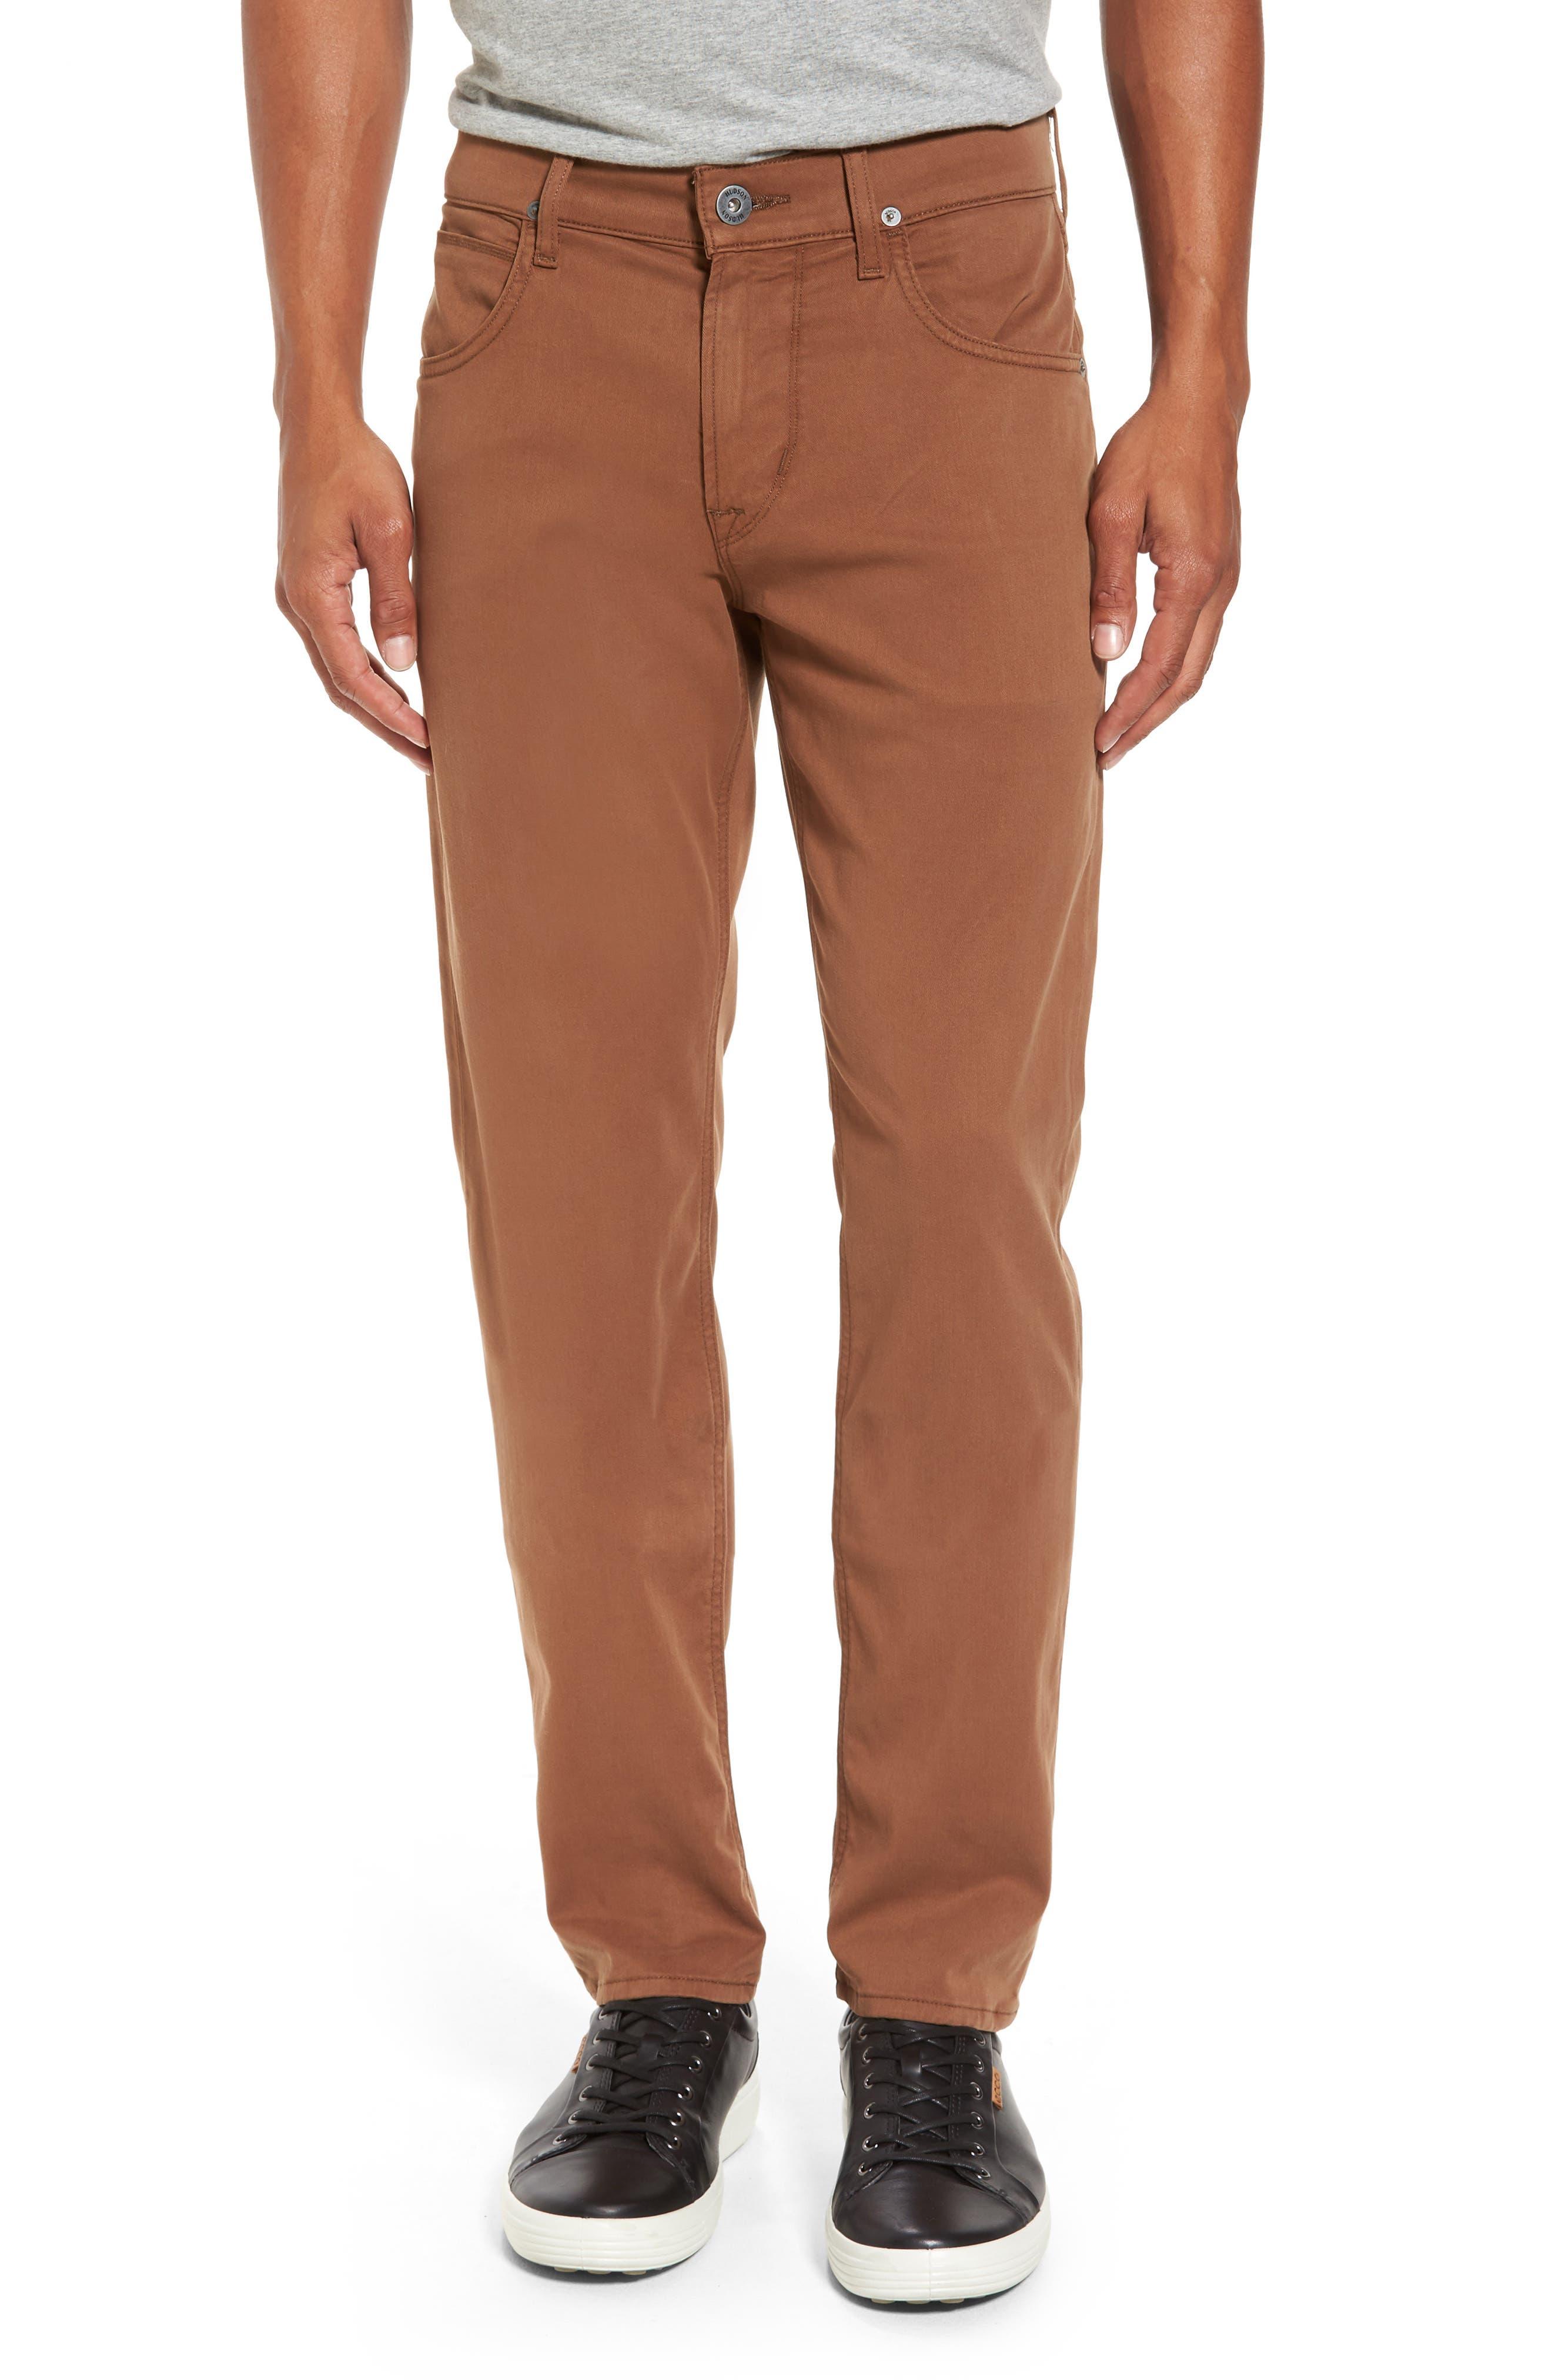 Blake Slim Fit Jeans,                         Main,                         color, Masonite